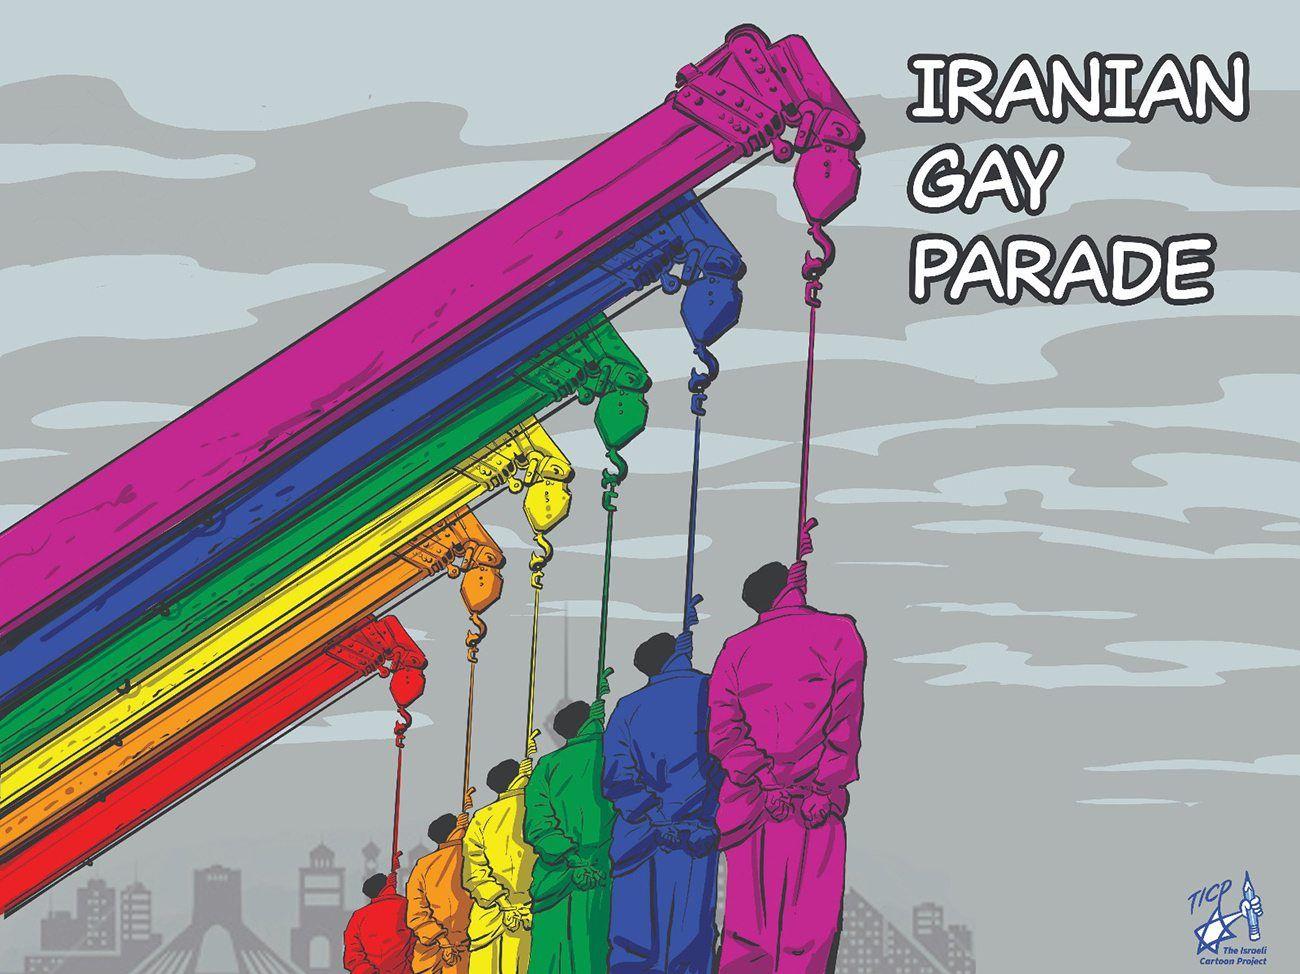 Utstillingen skal fokusere på menneskerettighetsbrudd i Iran, som henrettelse av homofile.